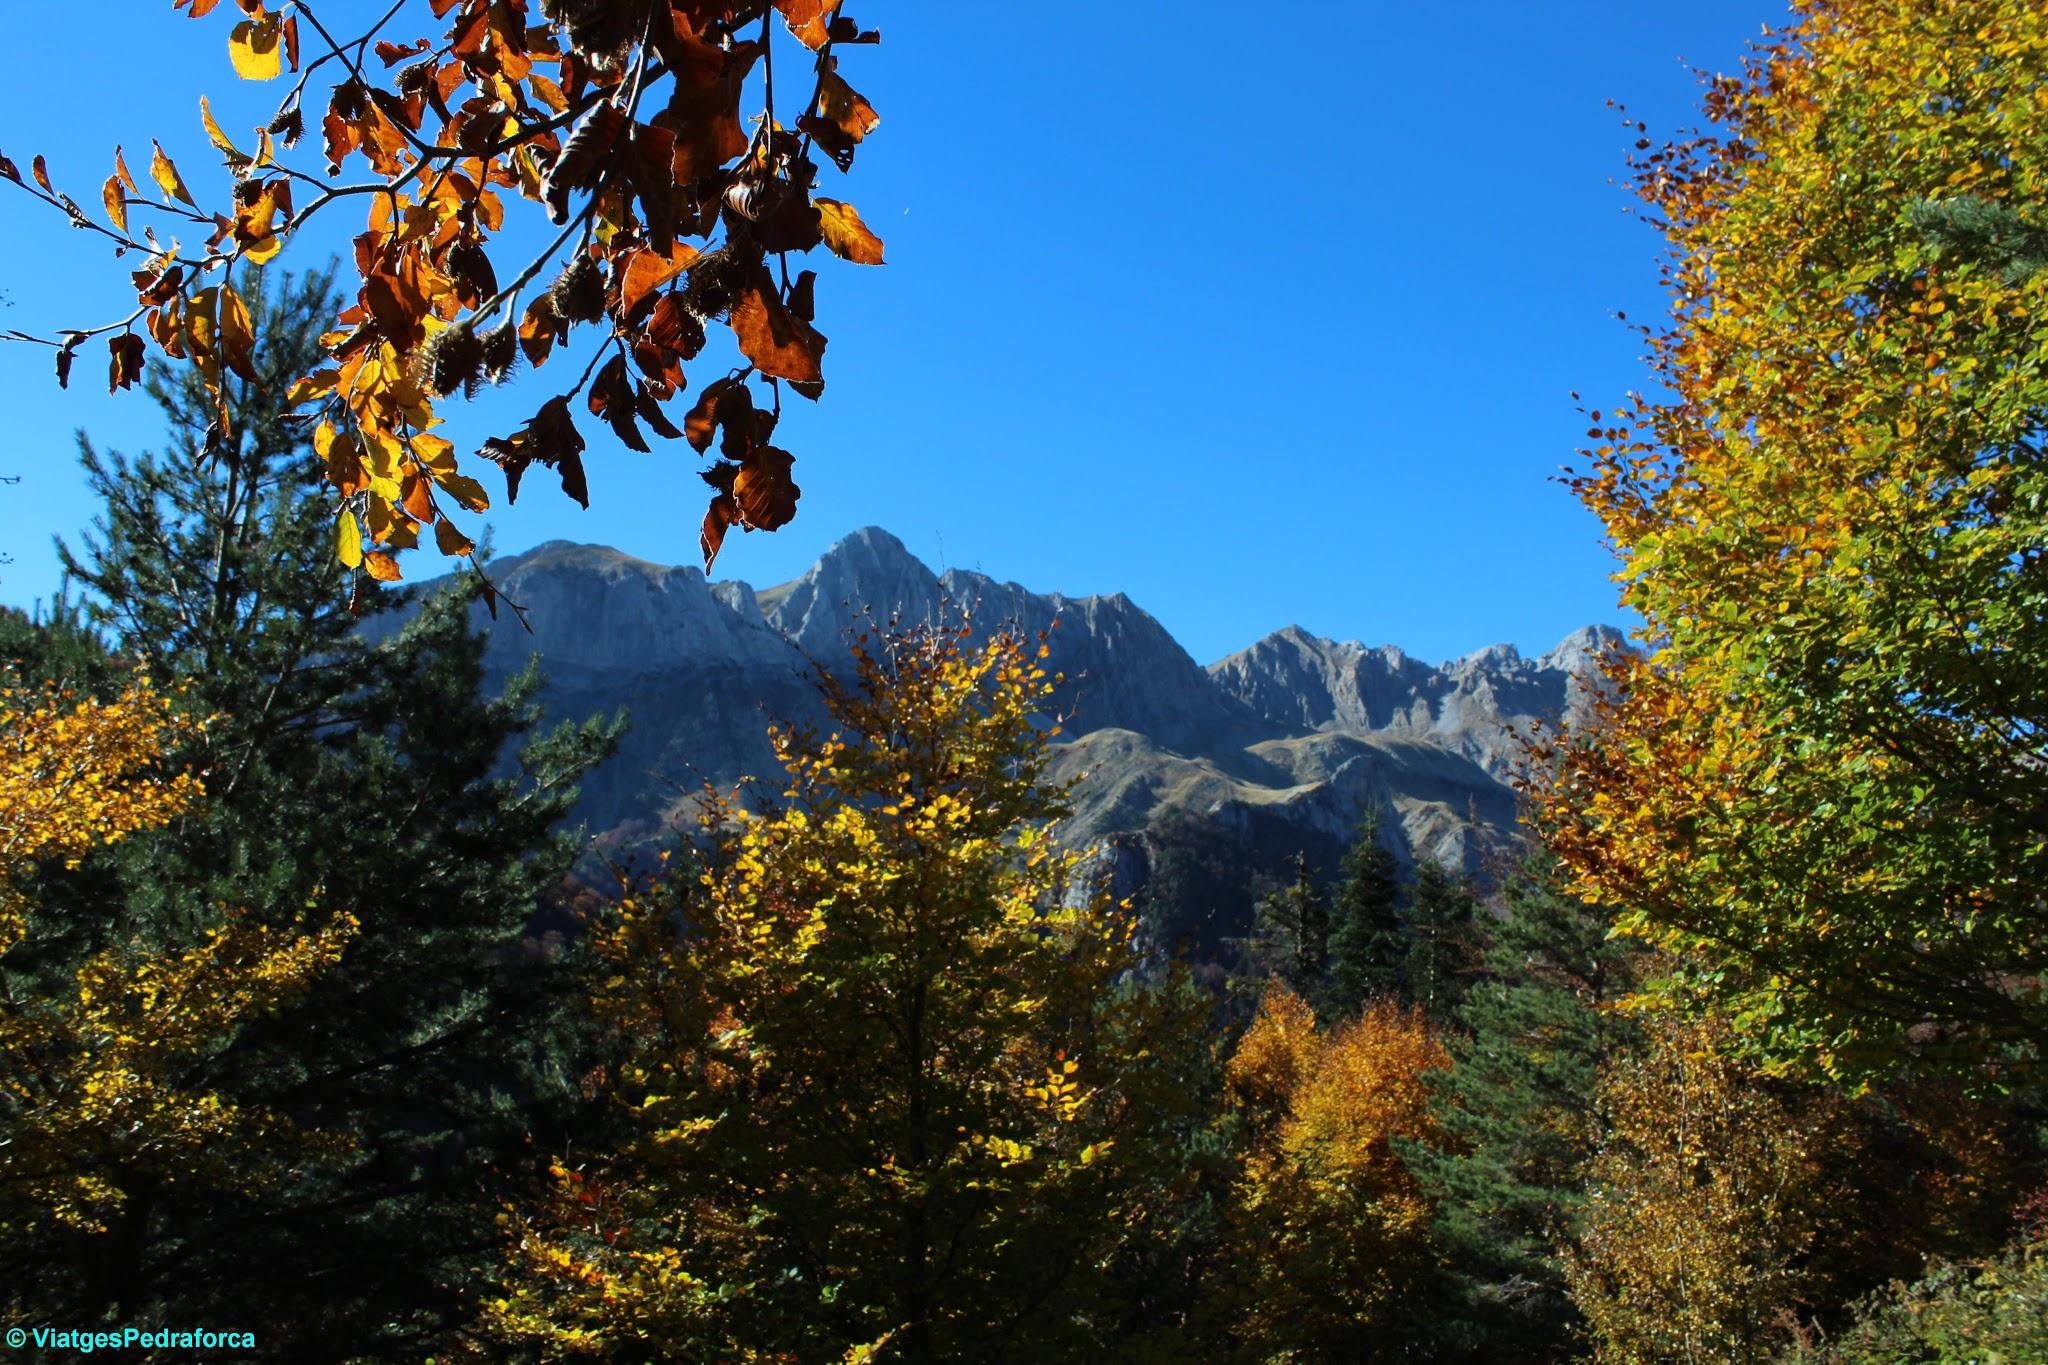 Pirineu Aragonès, Parque natural de los Valles Occidentales, colors de tardor, senderisme